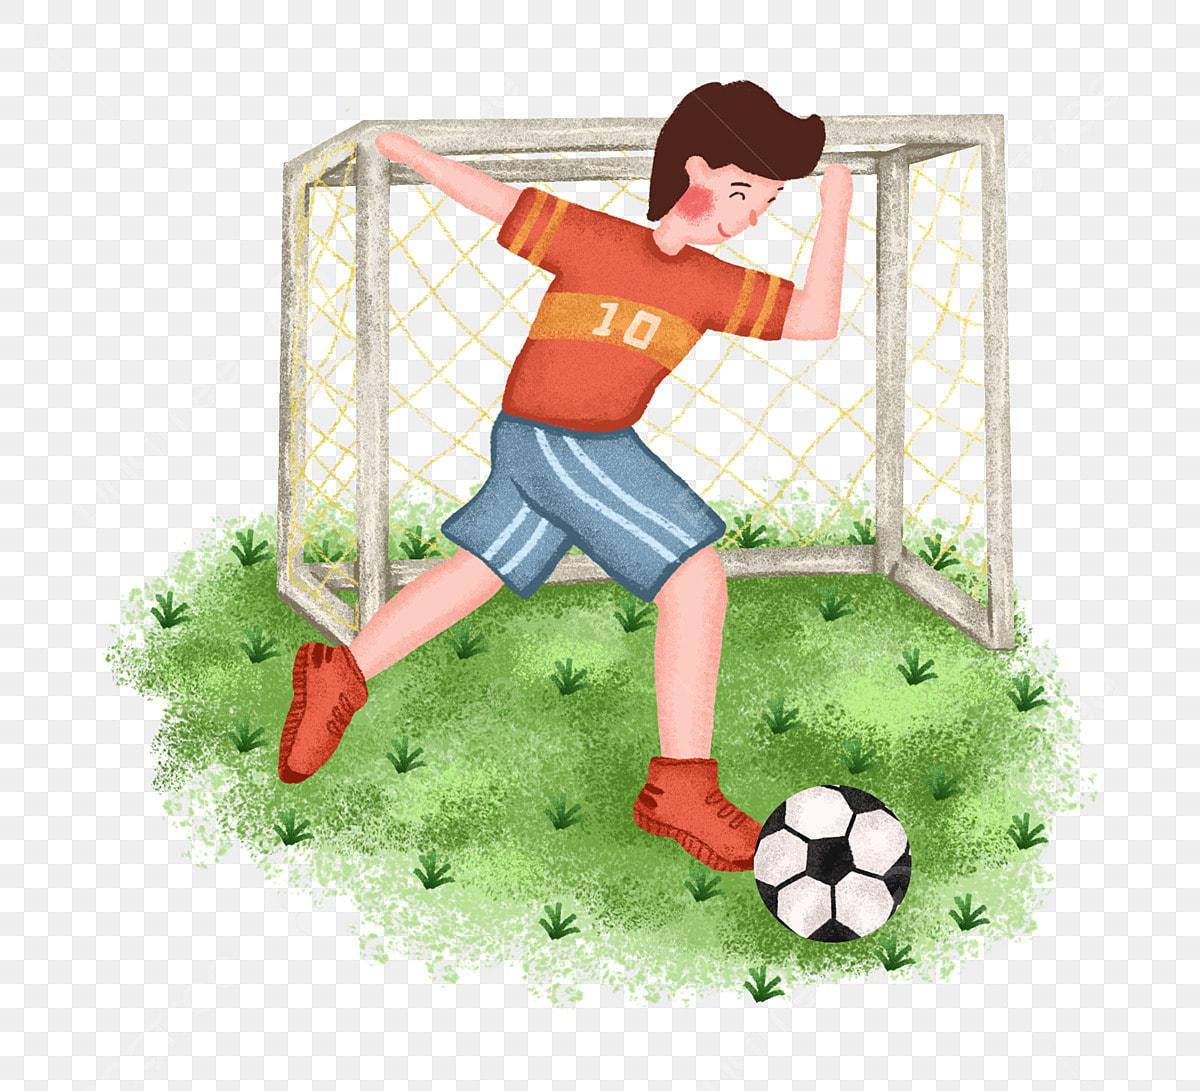 Sportjunge Spielt Fussball Png Kostenlose Clipart Jungen